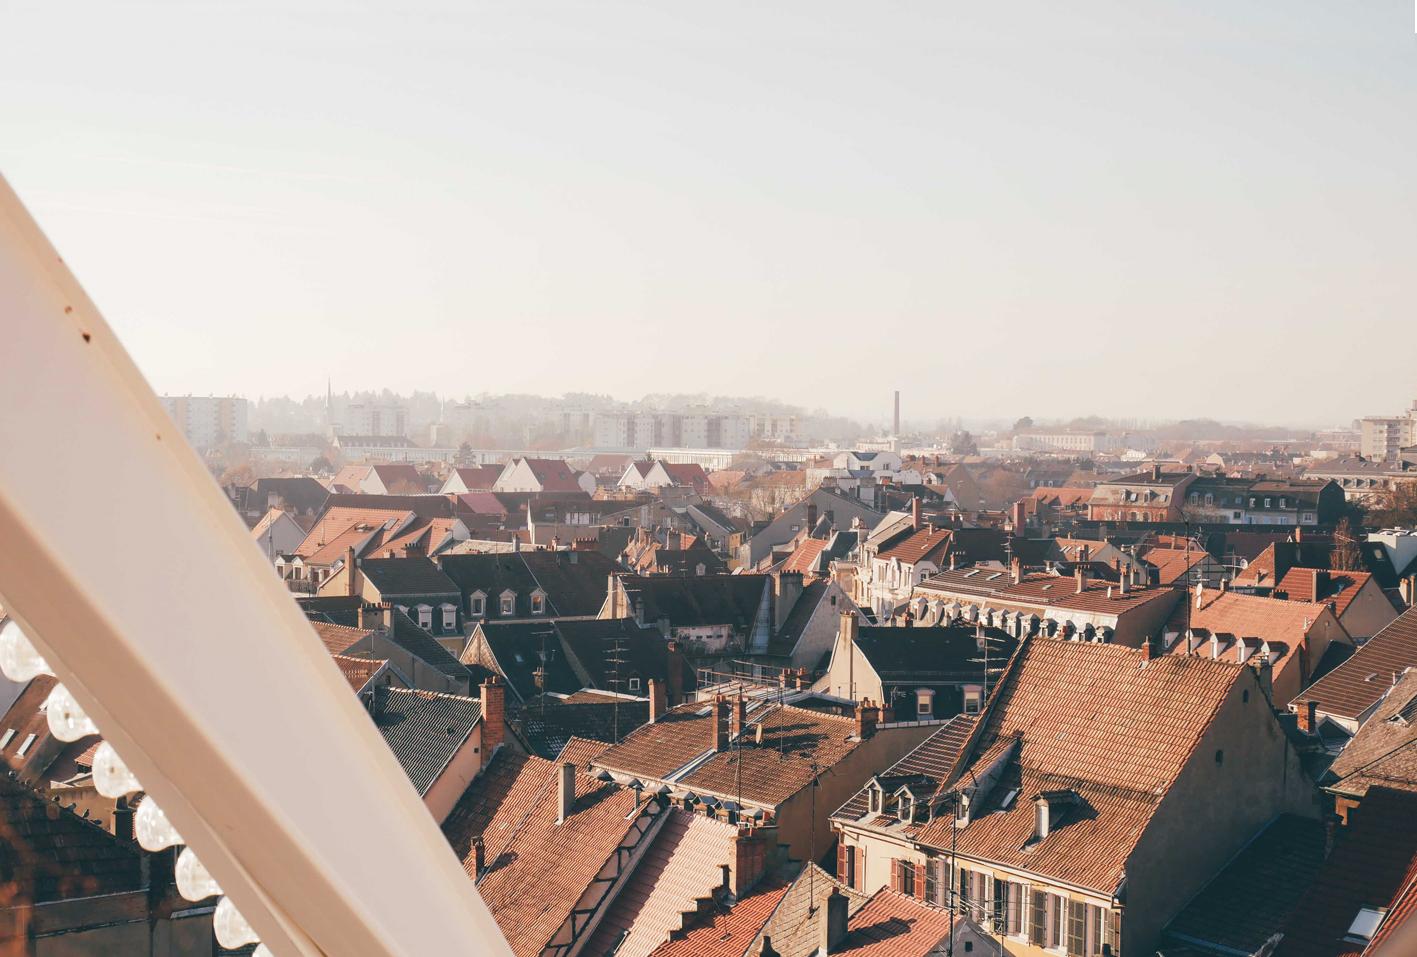 Du haut de la grande roue, Mulhouse